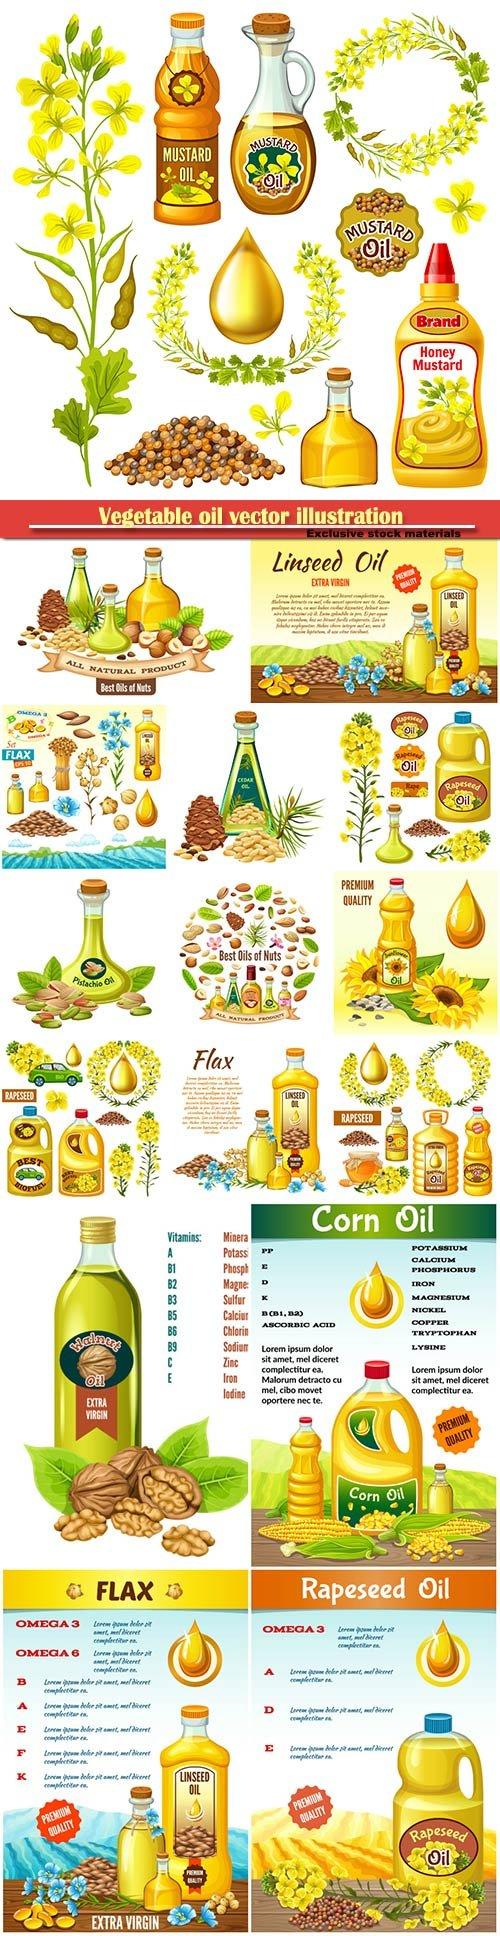 Vegetable oil vector illustration